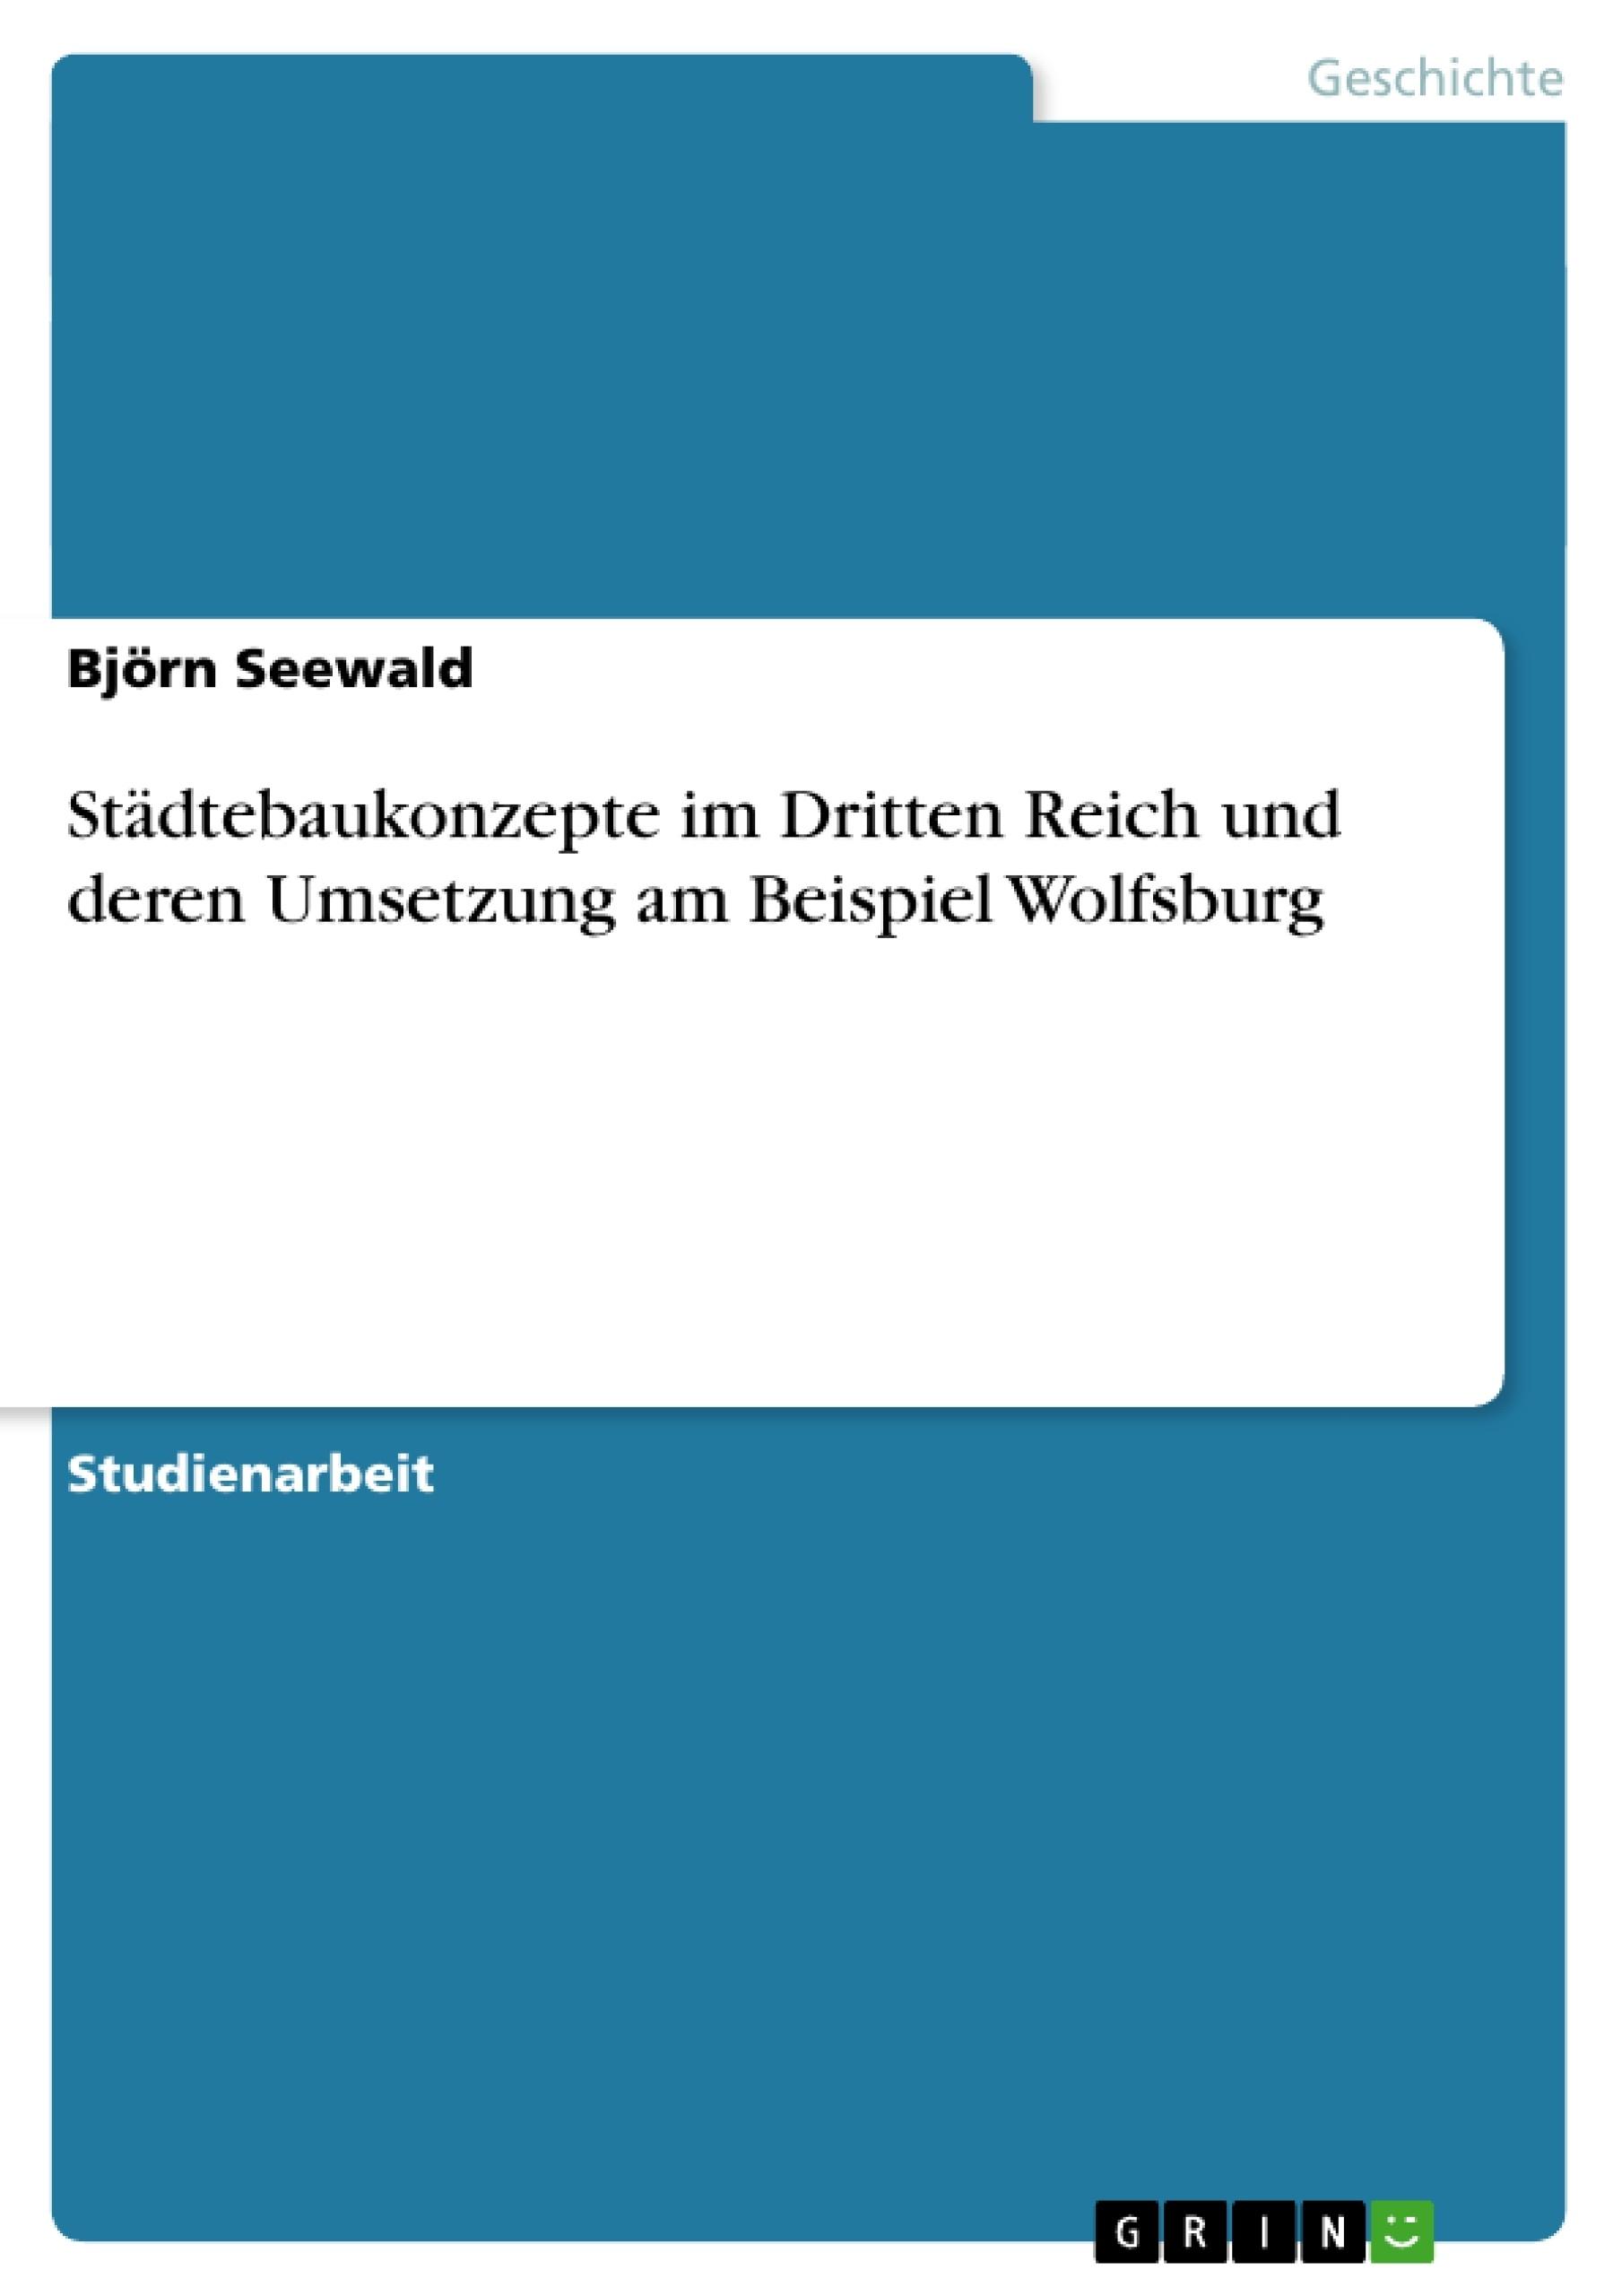 Titel: Städtebaukonzepte im Dritten Reich und deren Umsetzung am Beispiel Wolfsburg